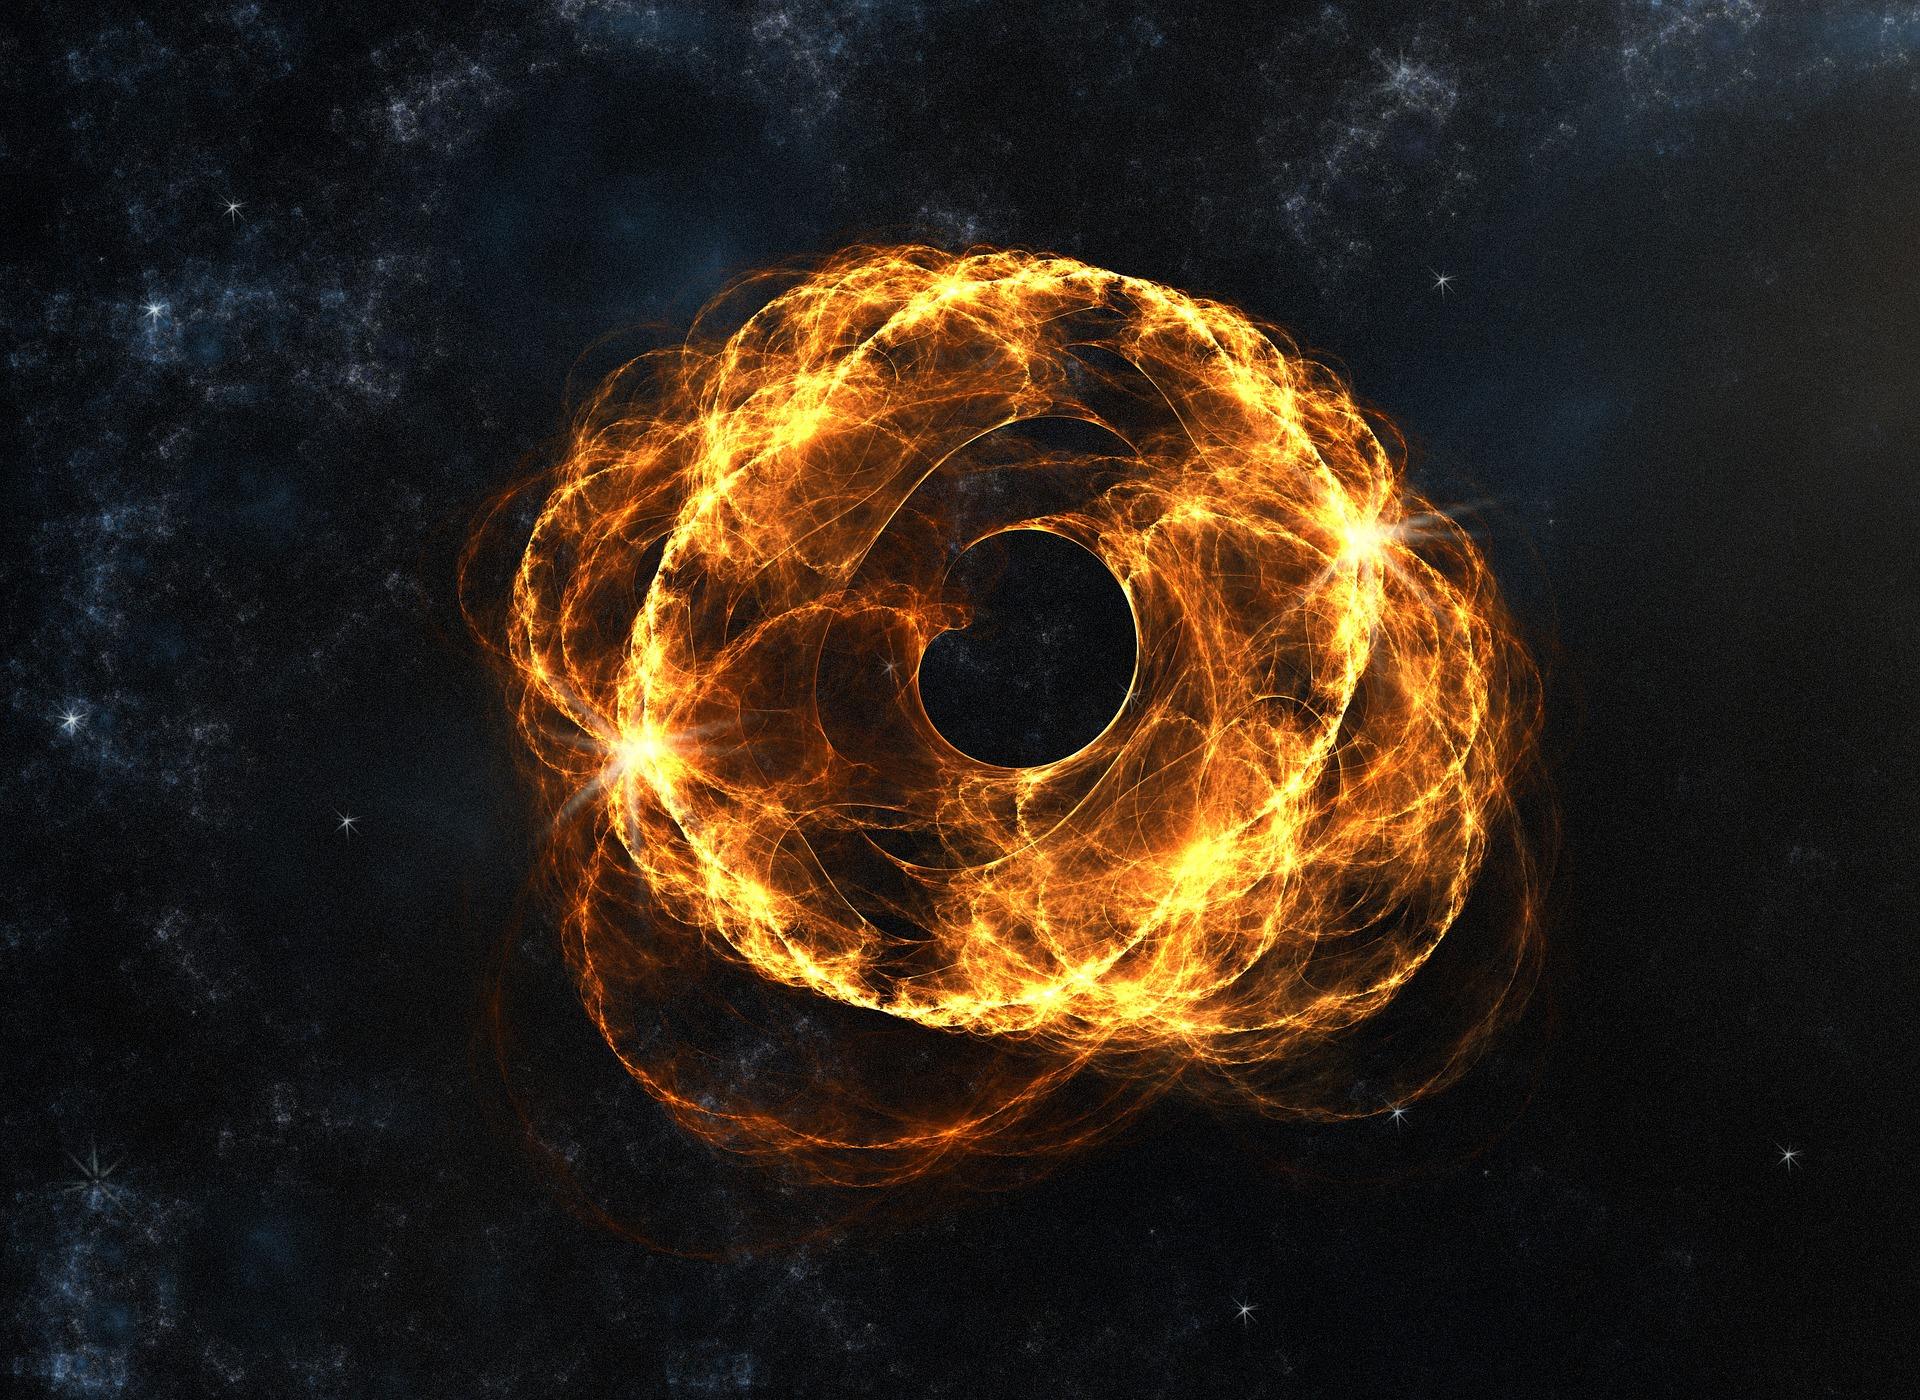 zwart gat ruimte